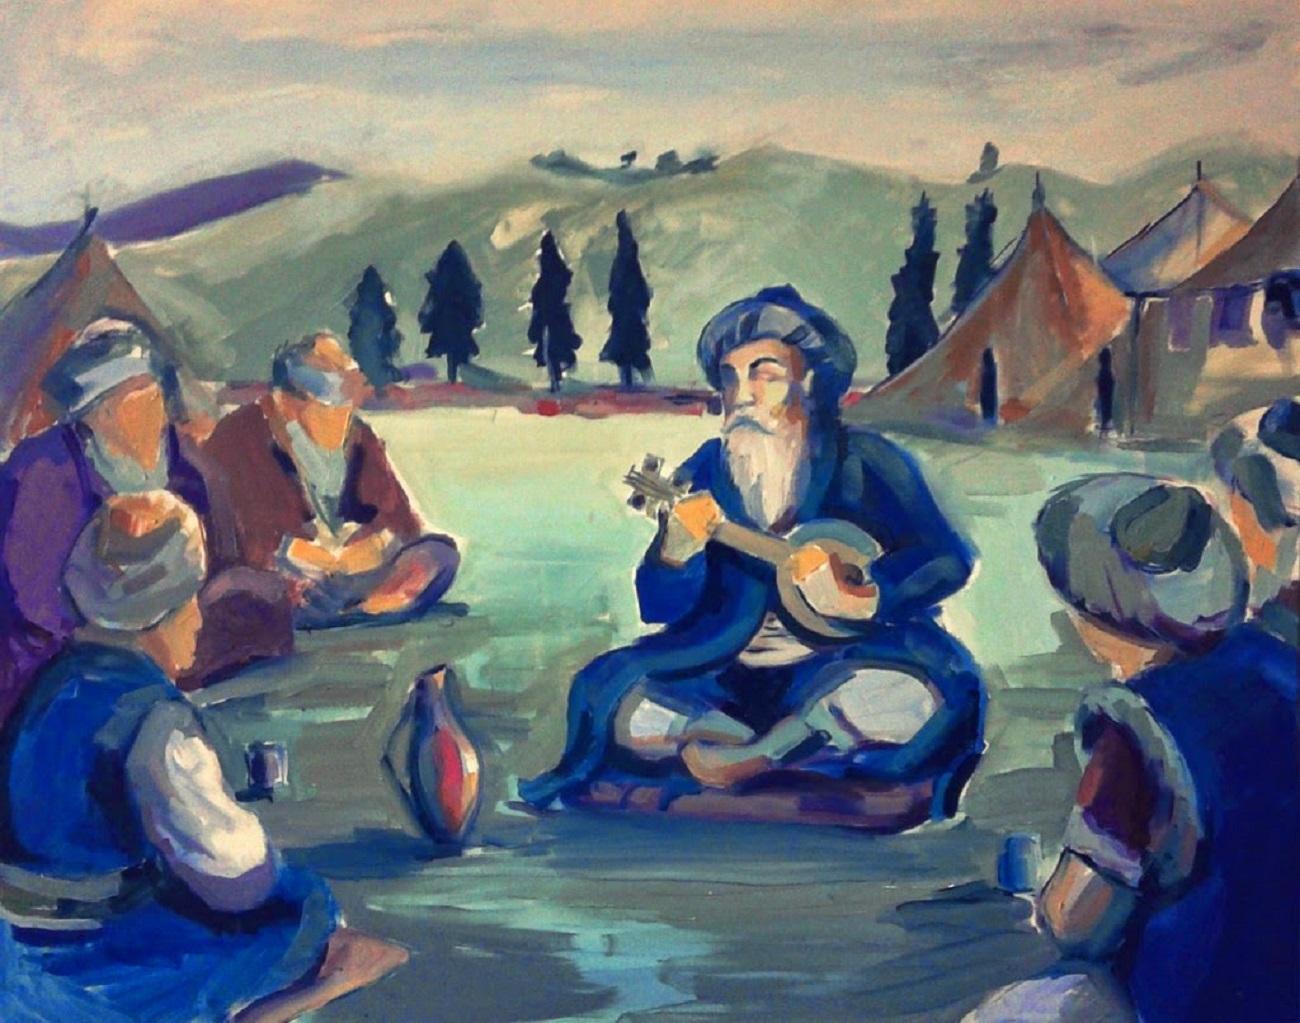 Merkmale von türkischen Volksgeschichten